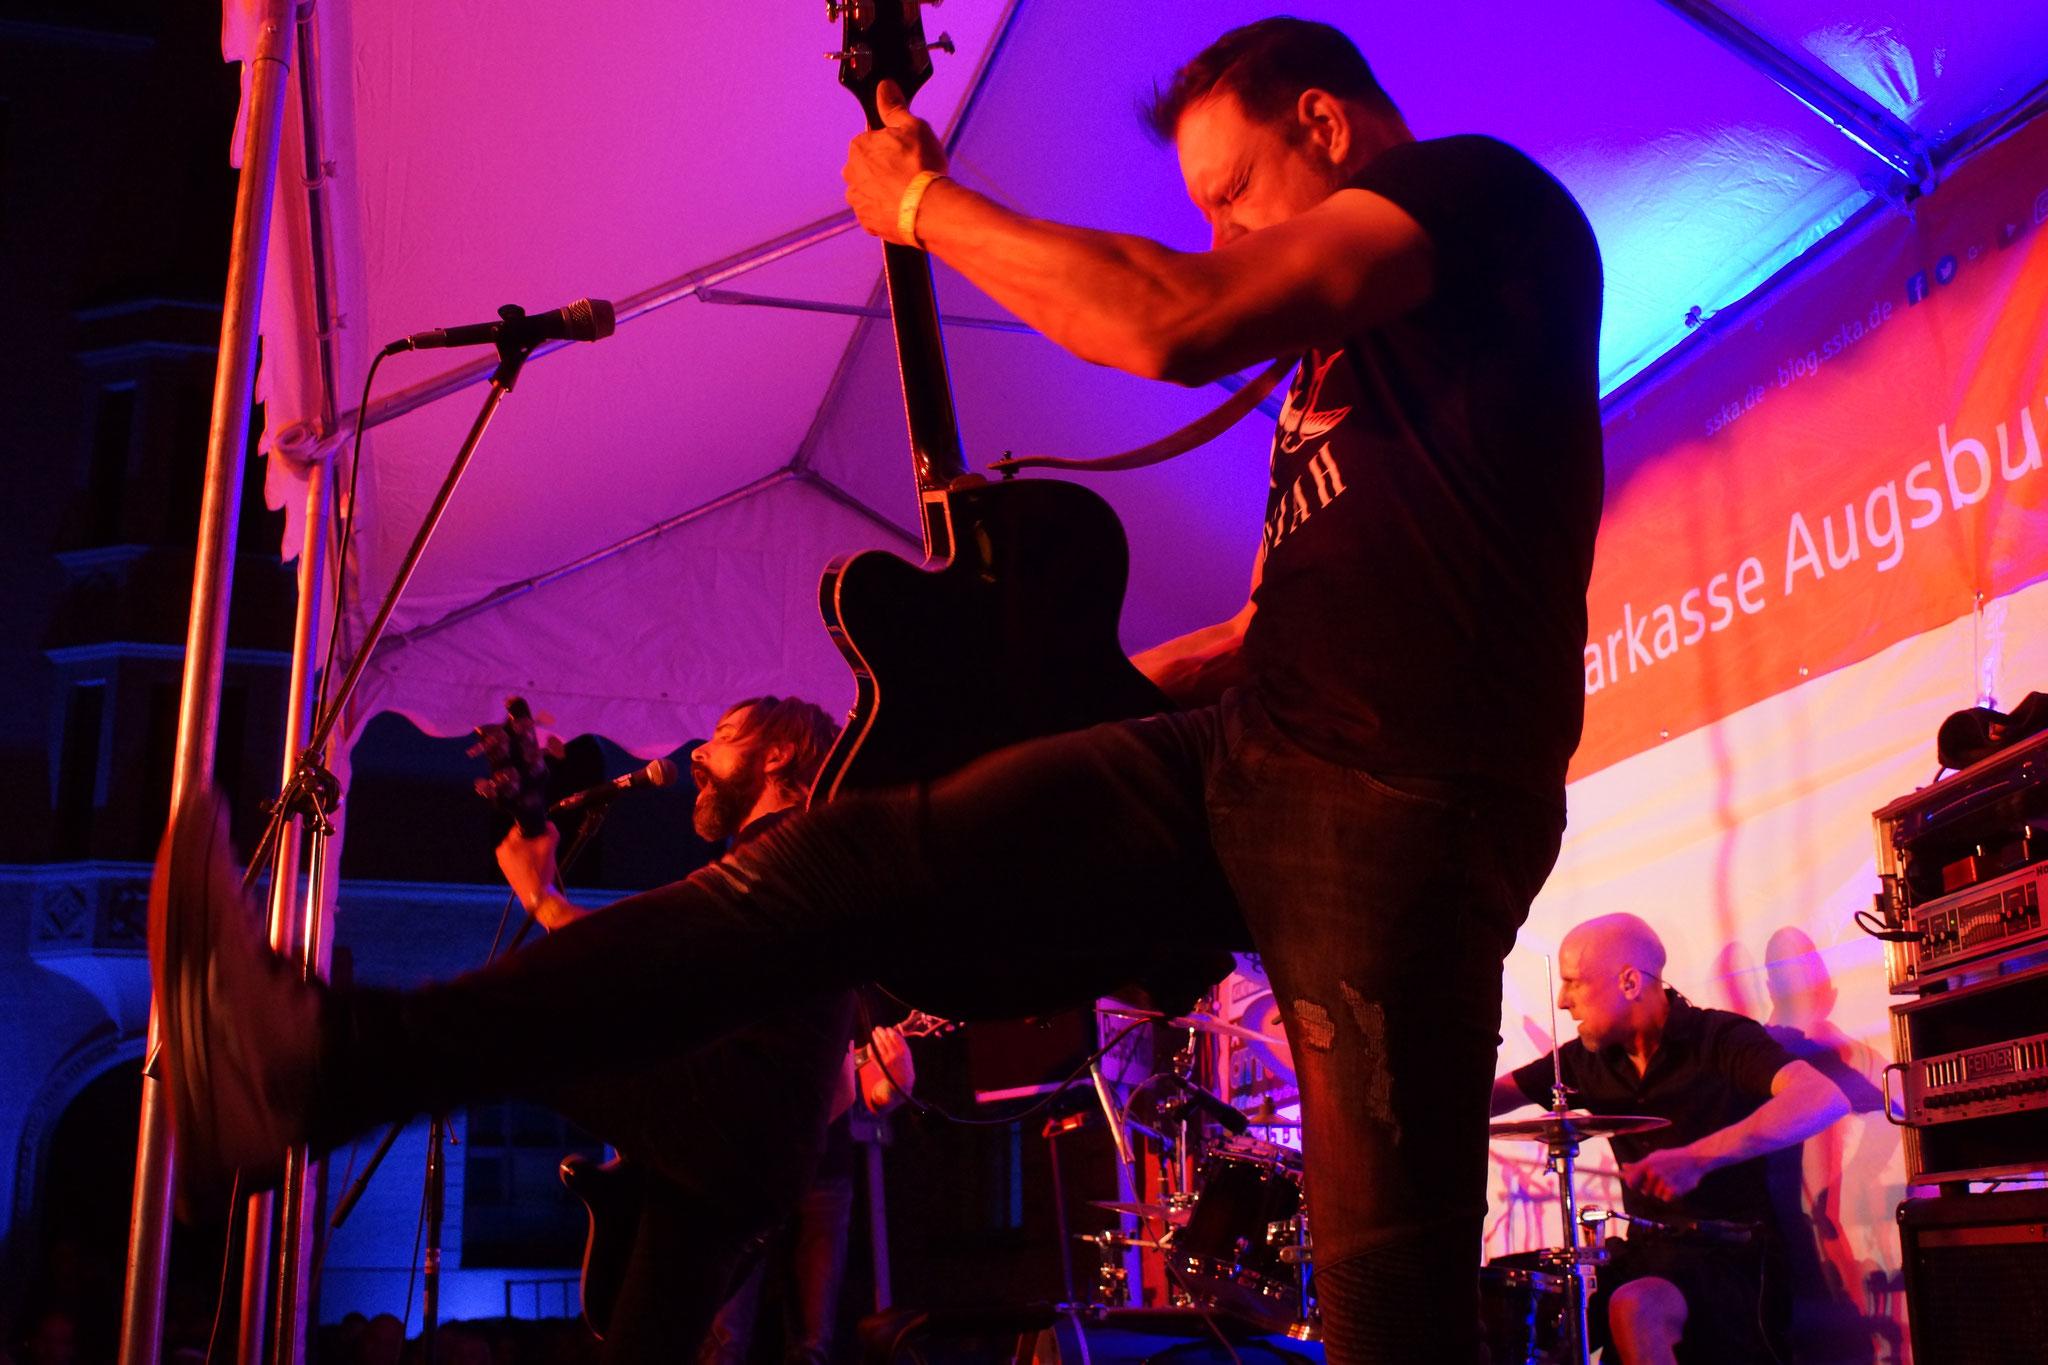 Konzerte im Bürgerhof 08.07.17 Hörstreich - Freiwilligen-Zentrum Augsburg - Foto: Crayfish